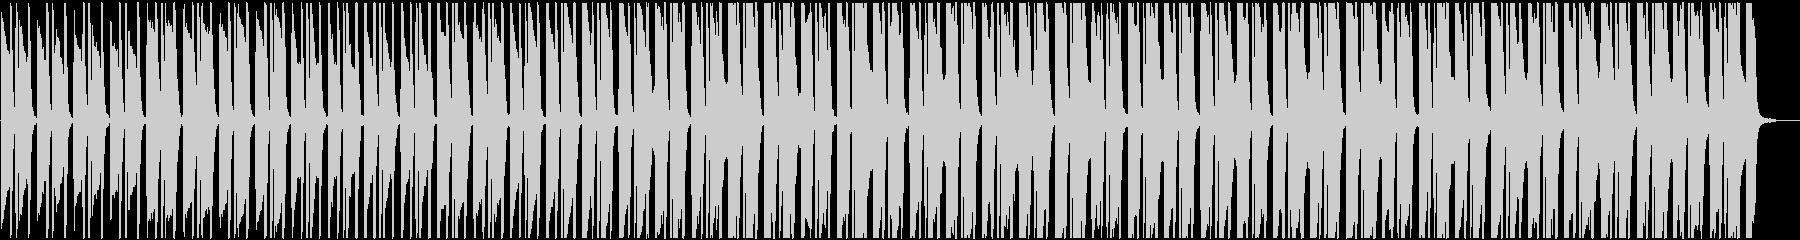 ほのぼのとした日常系ピアノ・BGMの未再生の波形